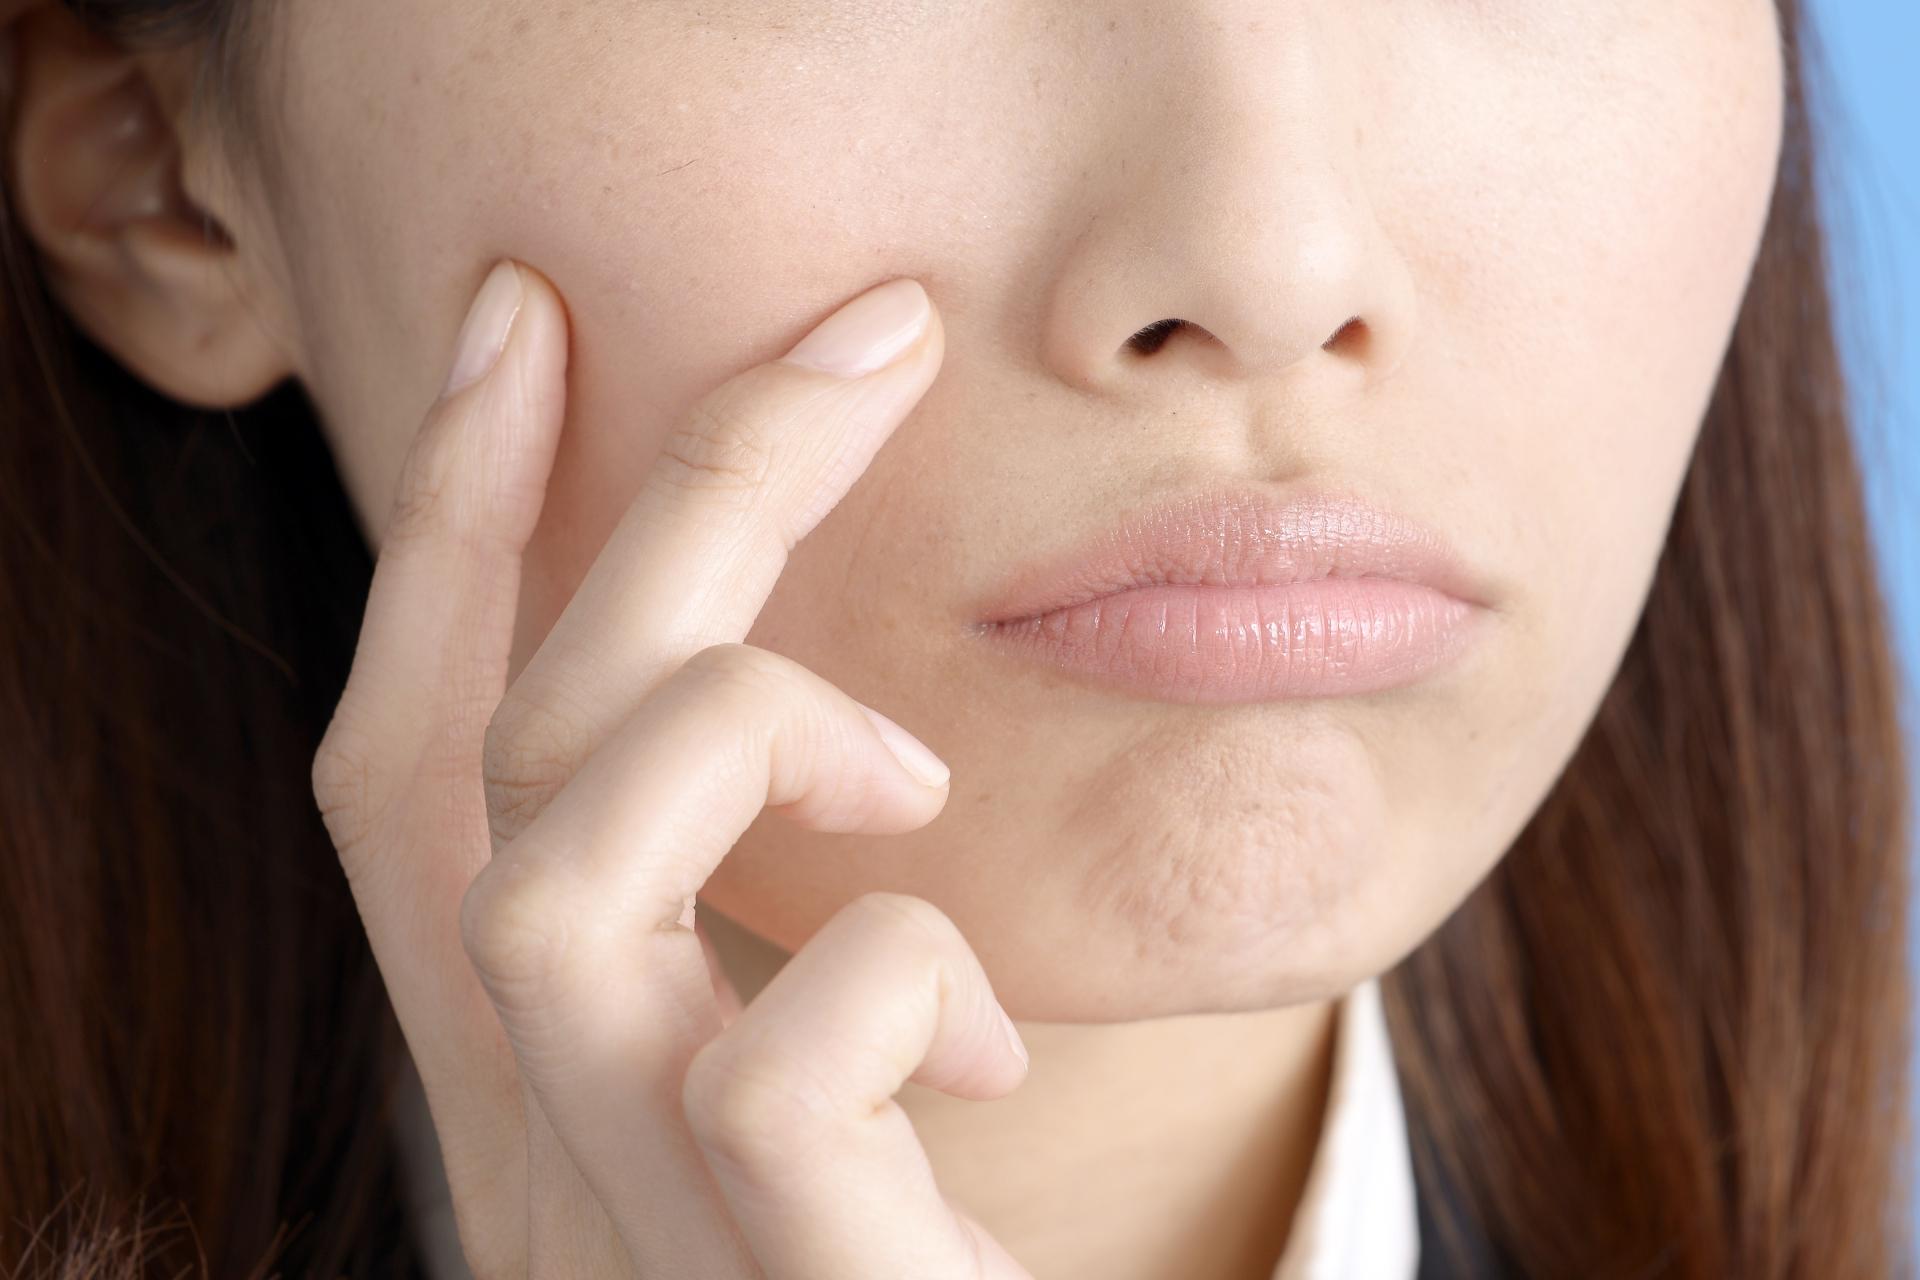 彼氏に肌荒れを指摘されてショック!肌荒れの原因と改善・予防策